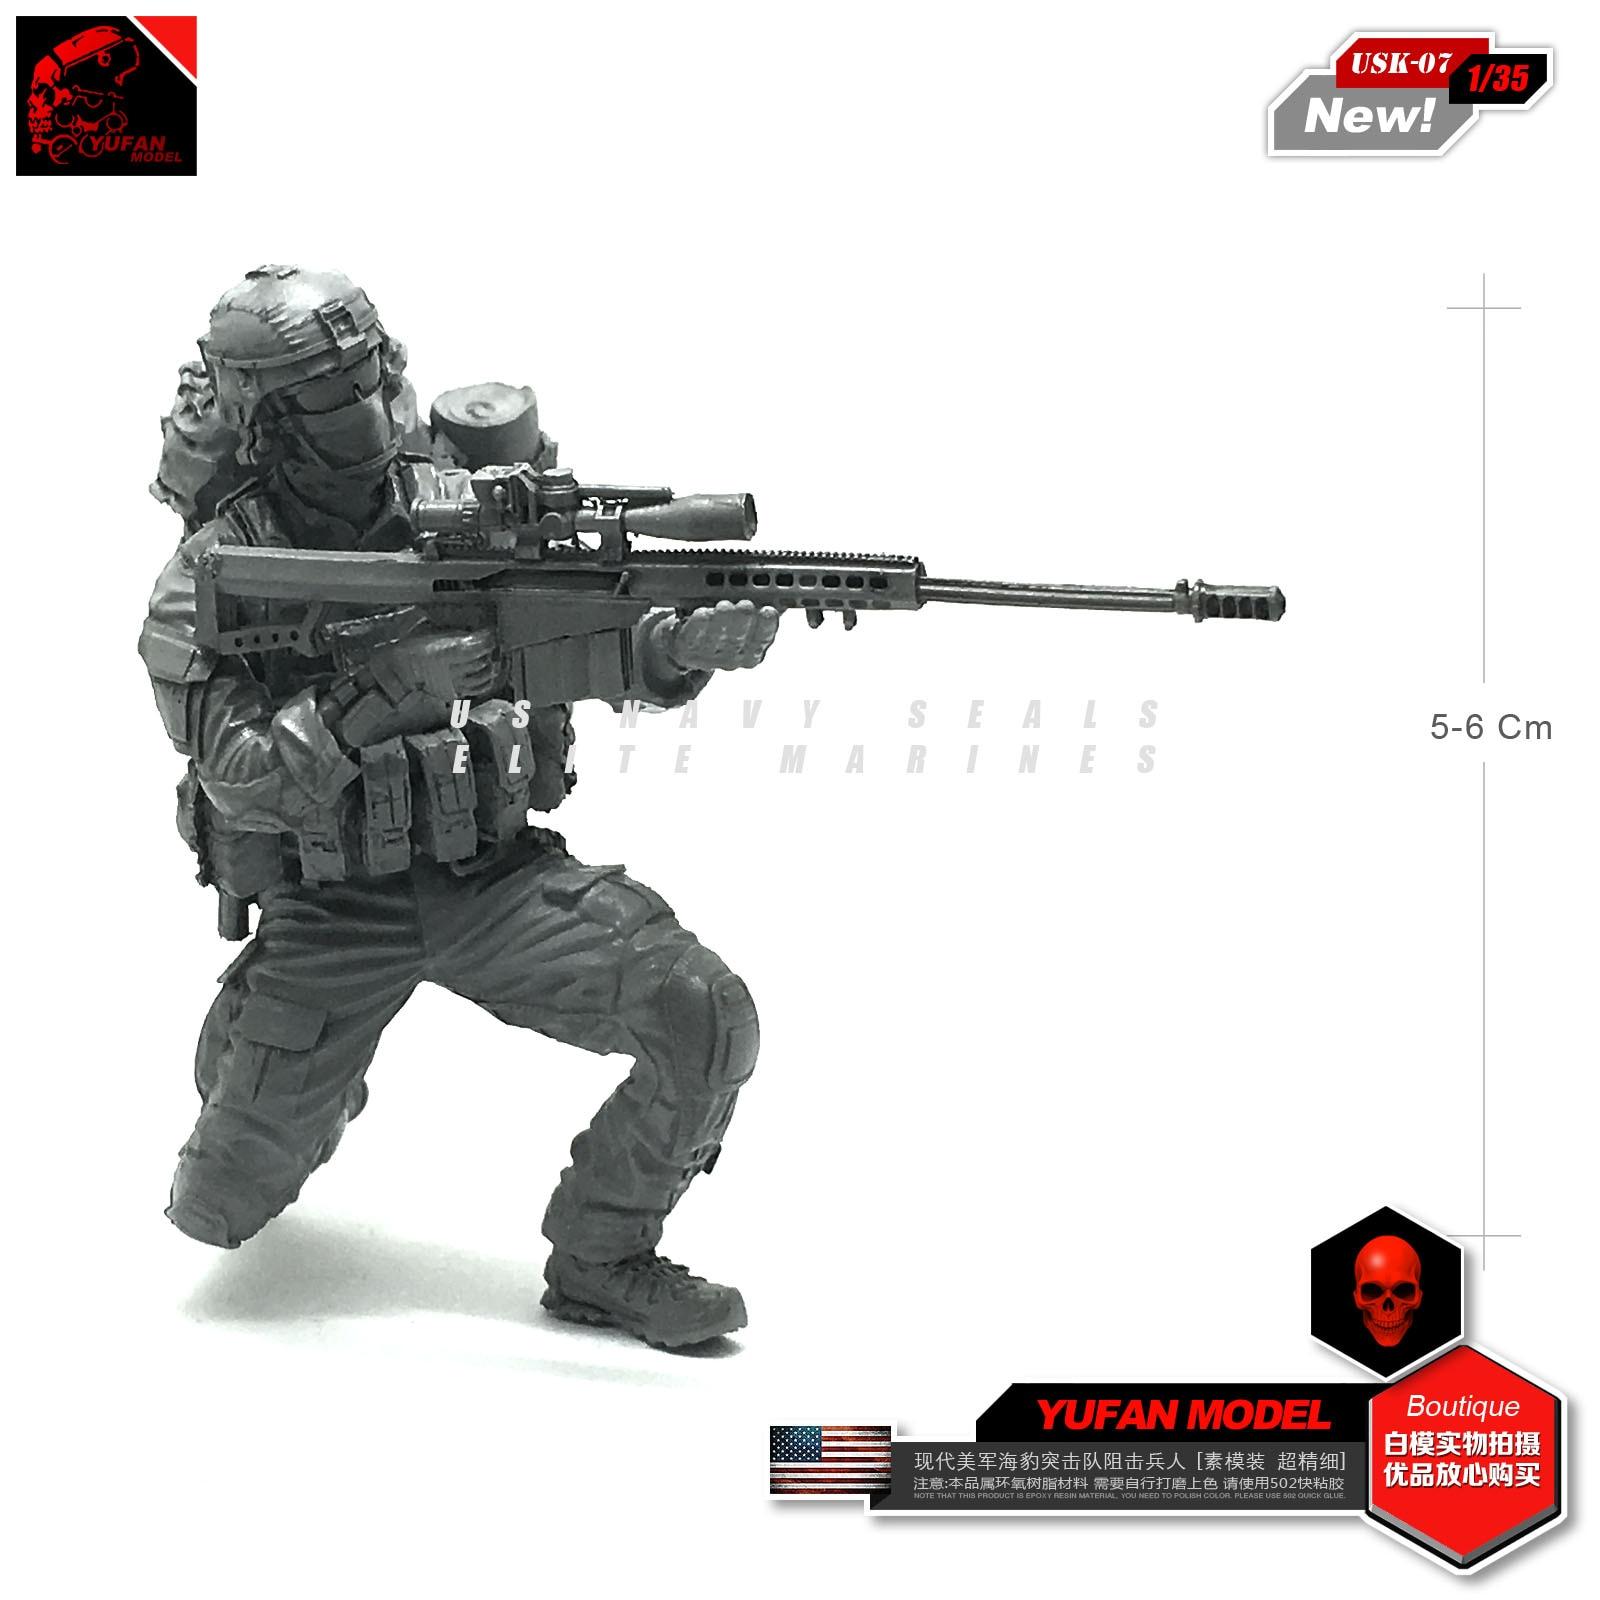 Yufan Model 1/35 Modern Us Seal Blocking Soldier Resin Model Suit Model Kit Usk-07